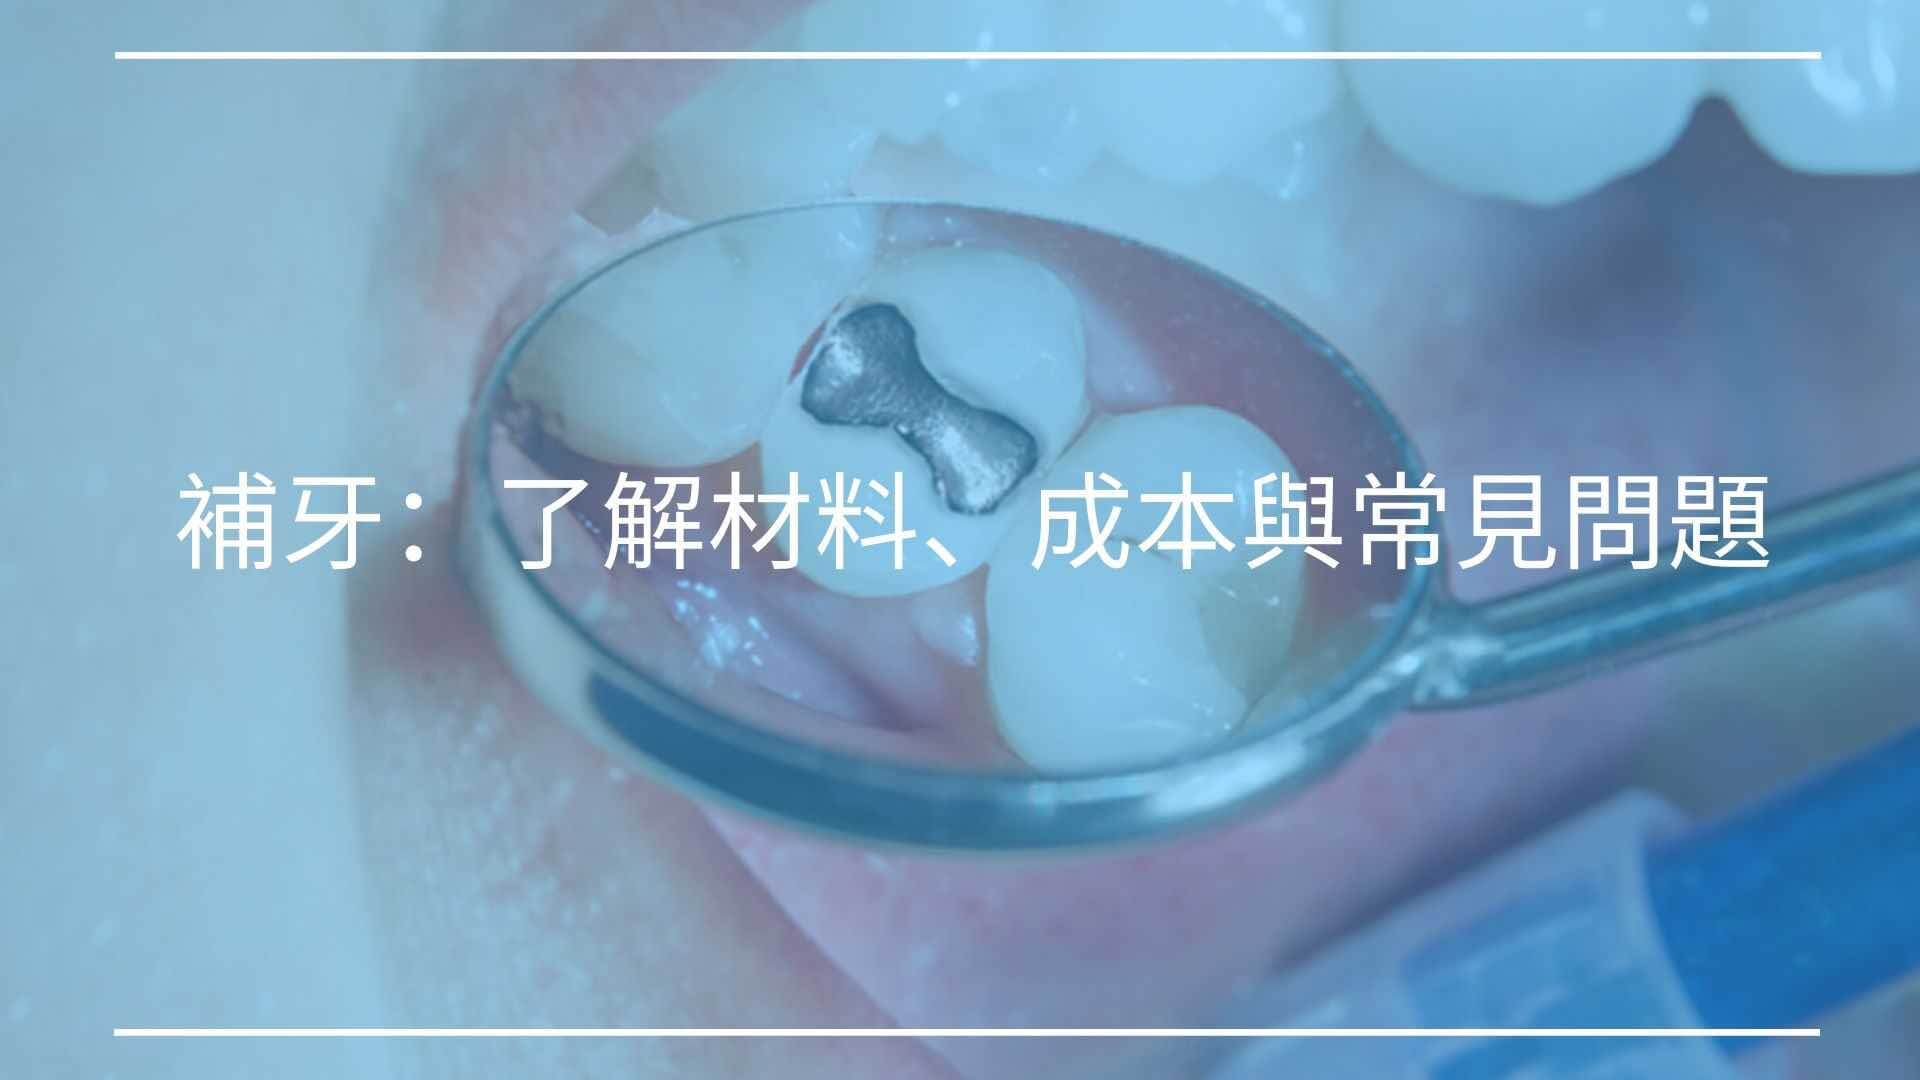 補牙:了解補牙材料、成本與補牙後常見問題